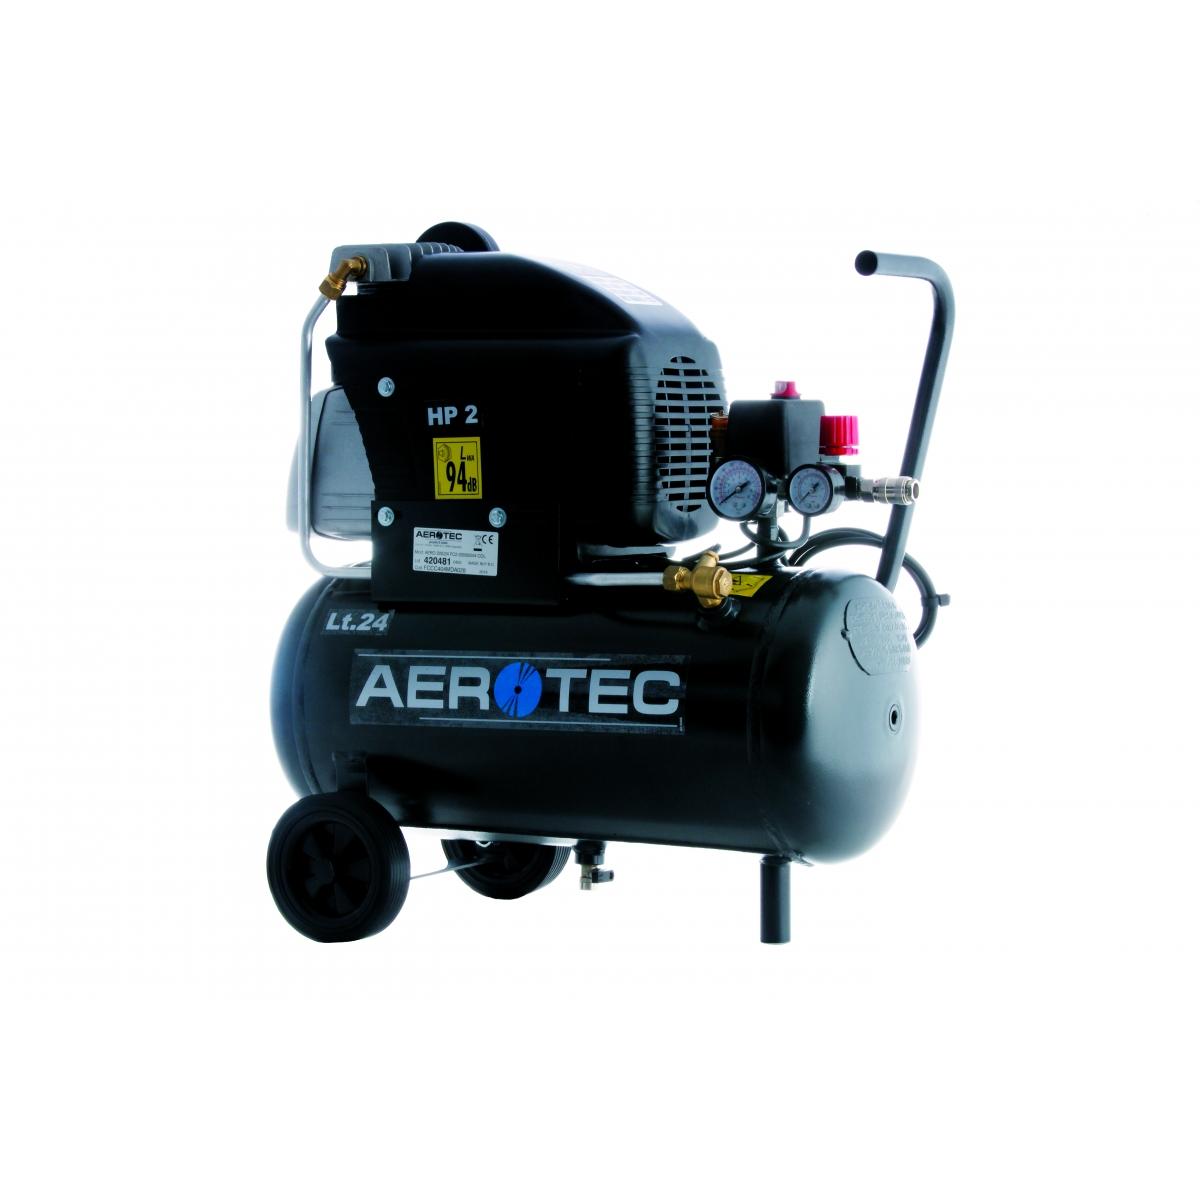 aerotec druckluft kompressor kolbenkompressor 230 volt. Black Bedroom Furniture Sets. Home Design Ideas